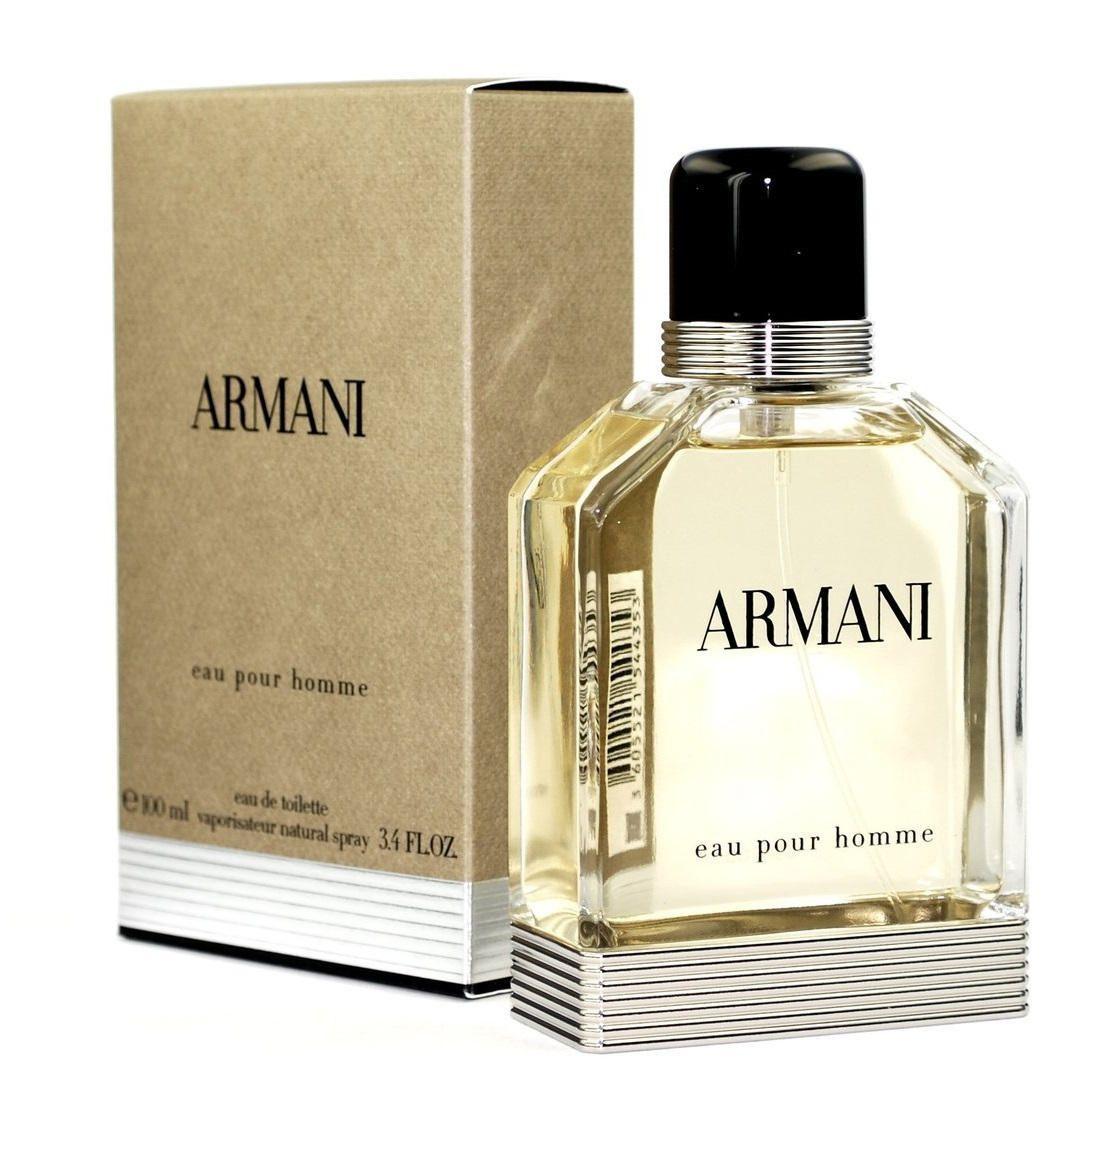 b37da5753bae2 Historia  Armani es un apasionado de los aromas naturales y frescos que no  ocultan la personalidad. Esta Eau de Toilette ...